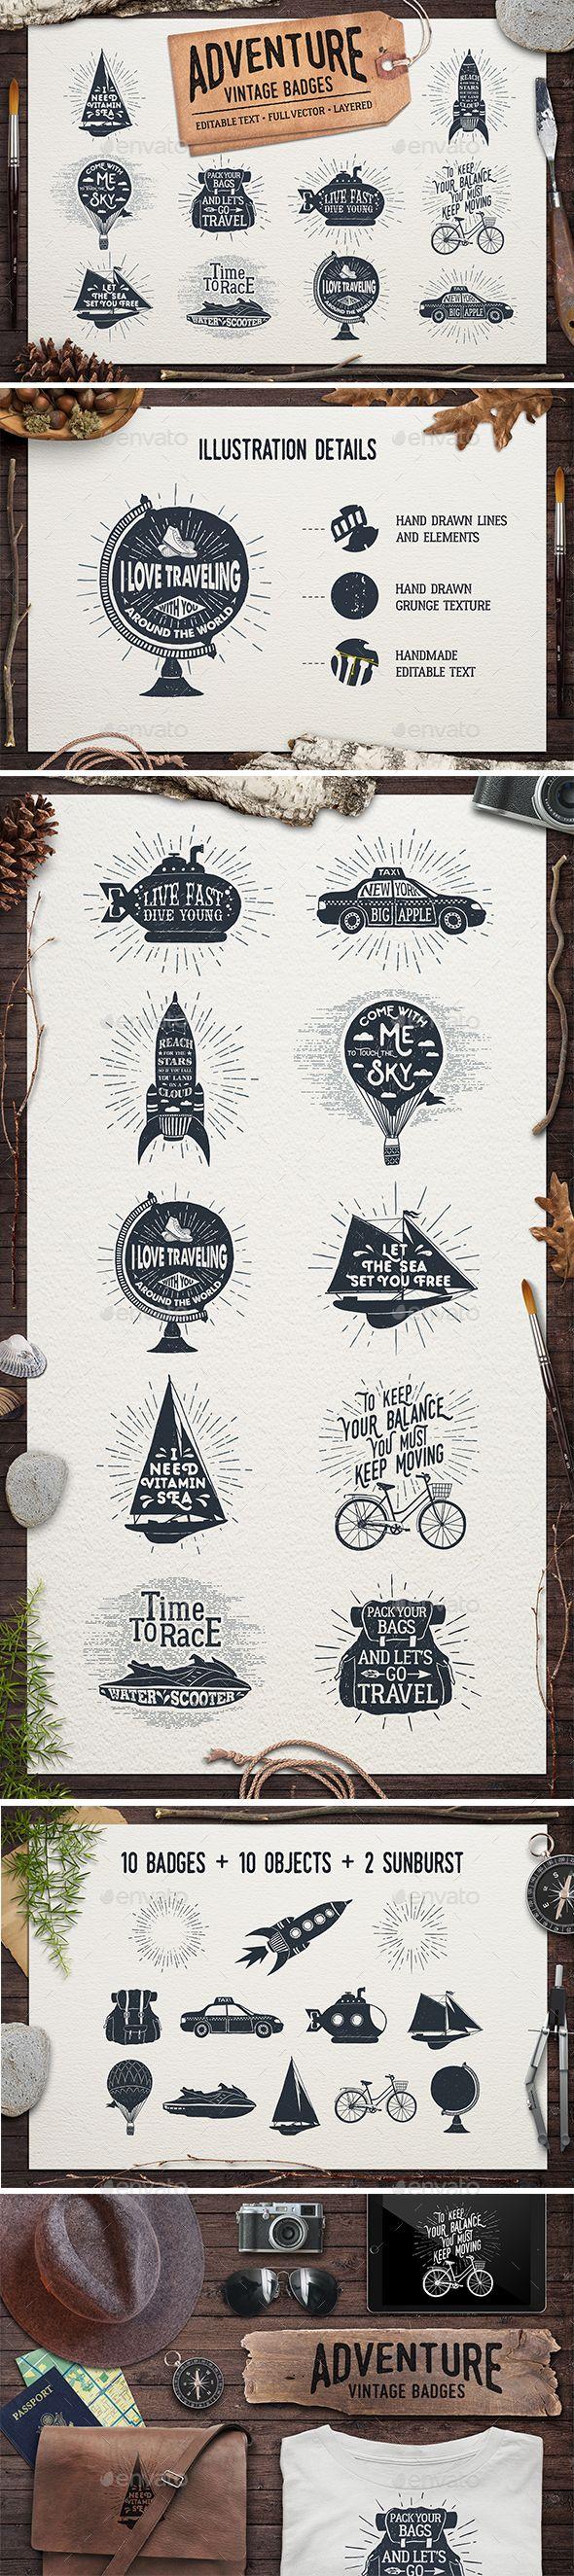 Adventure Vintage Badges Templates Transparent PNG, Vector EPS, AI Illustrator. Download here: http://graphicriver.net/item/adventure-vintage-badges-part-2/16730336?ref=ksioks